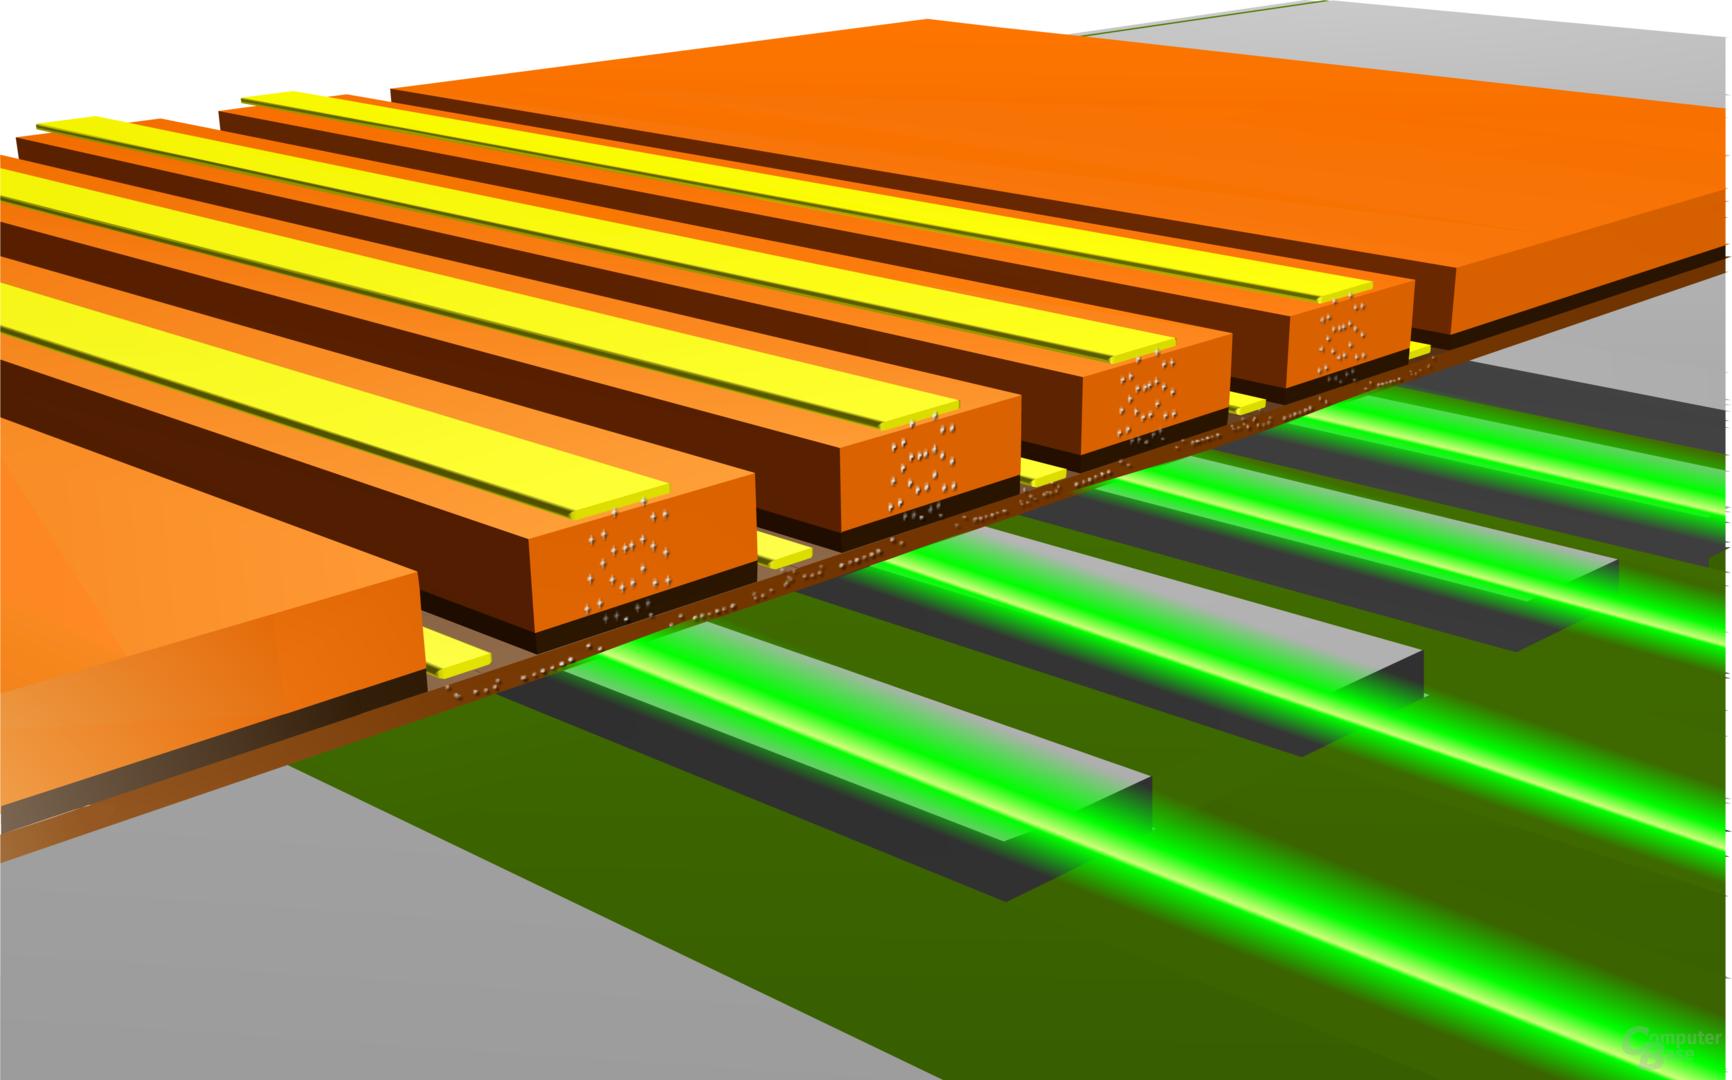 Mehtere Hybrid-Laser lassen sich problemlos integrieren